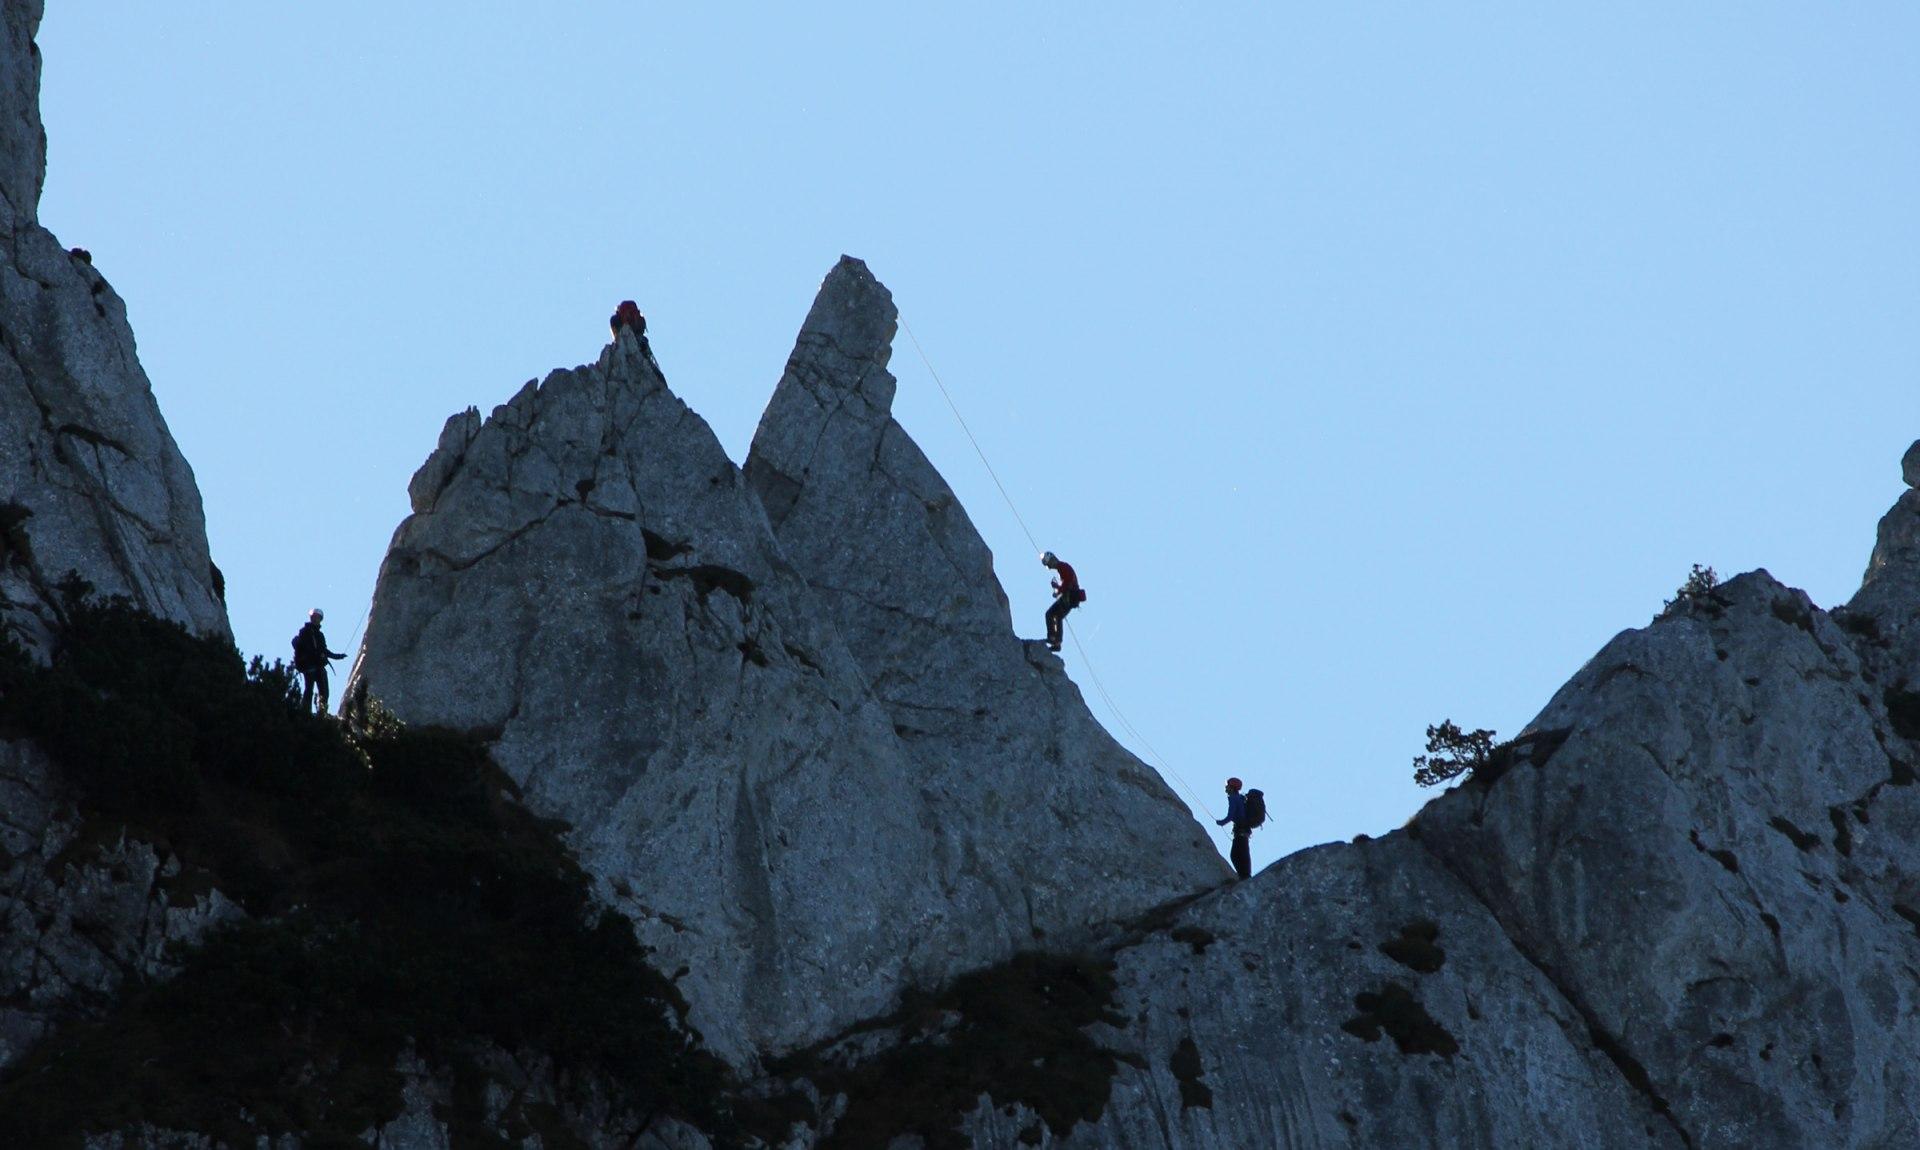 Klettern auf der Kampenwand, © Tourist Info Aschau i.Ch.